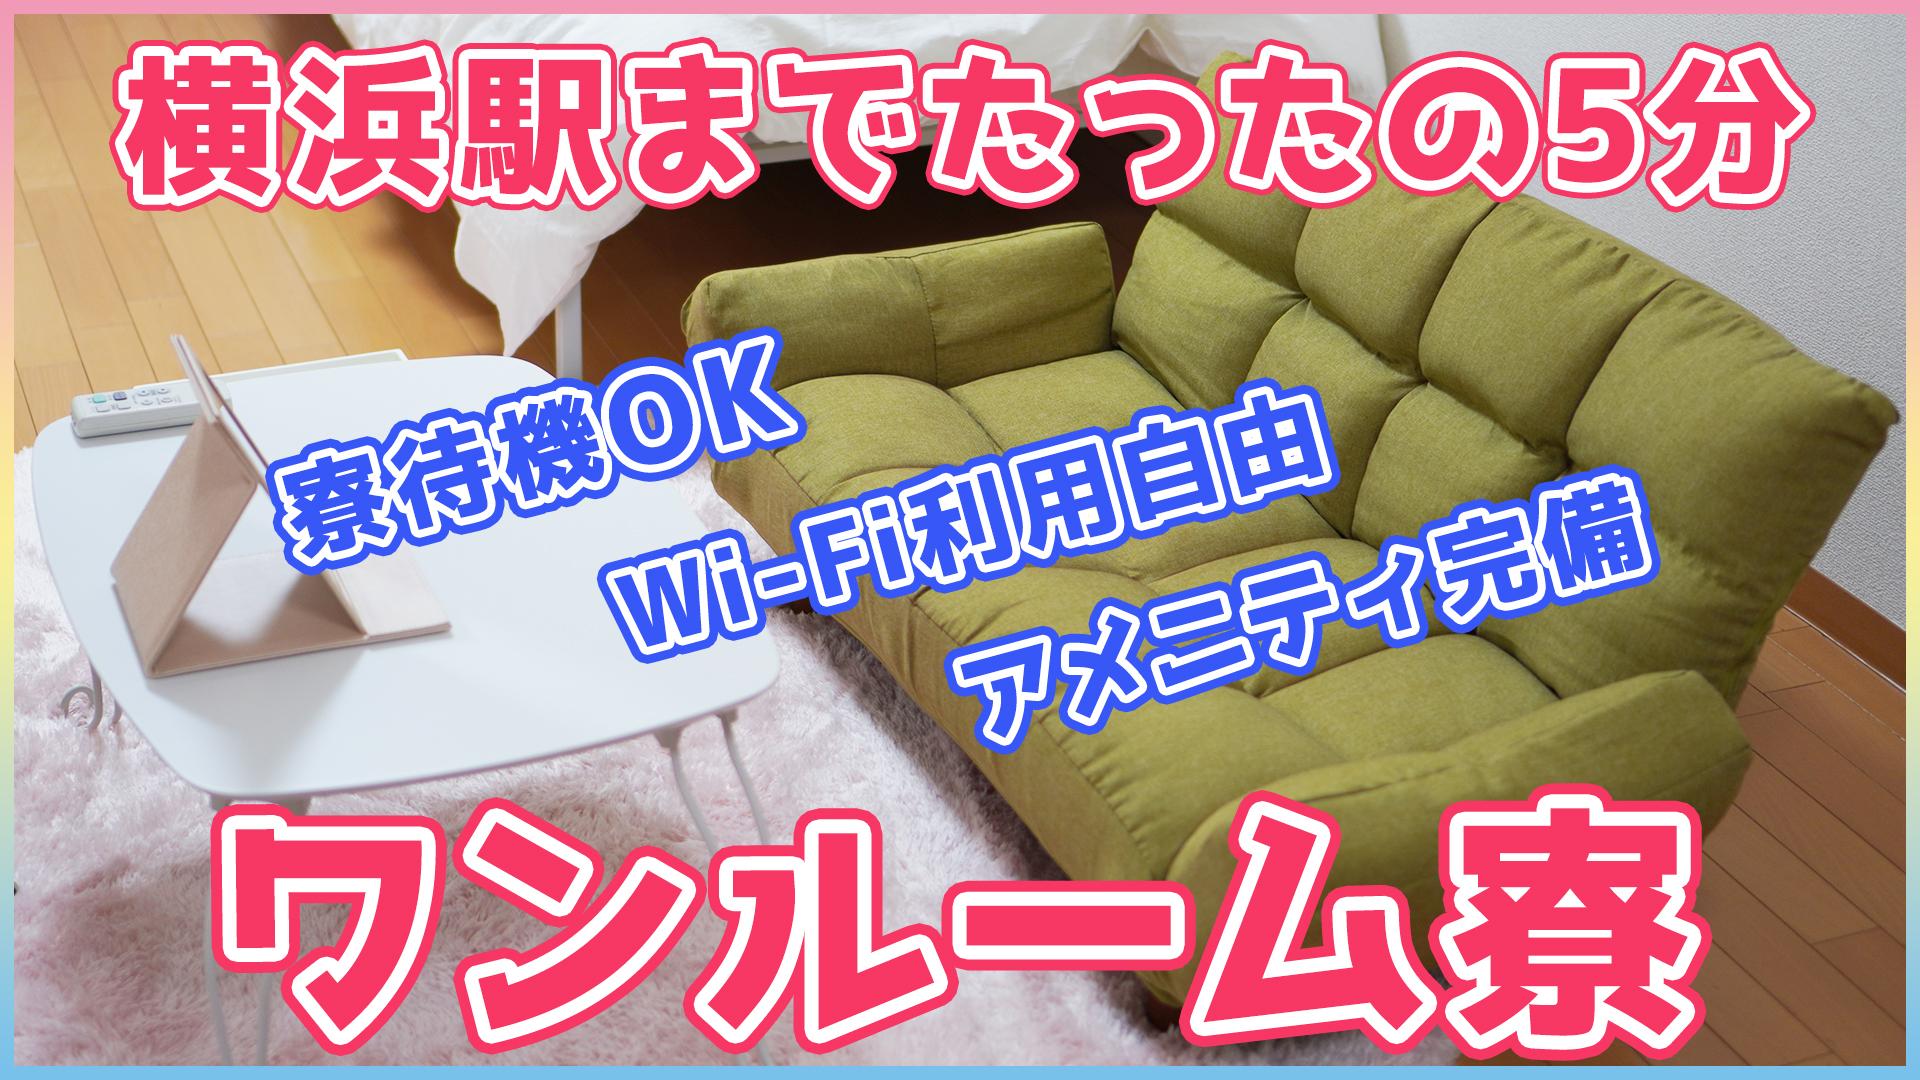 【横浜駅】動画は嘘付けません!泊まった人全員が満足した寮がこちらです